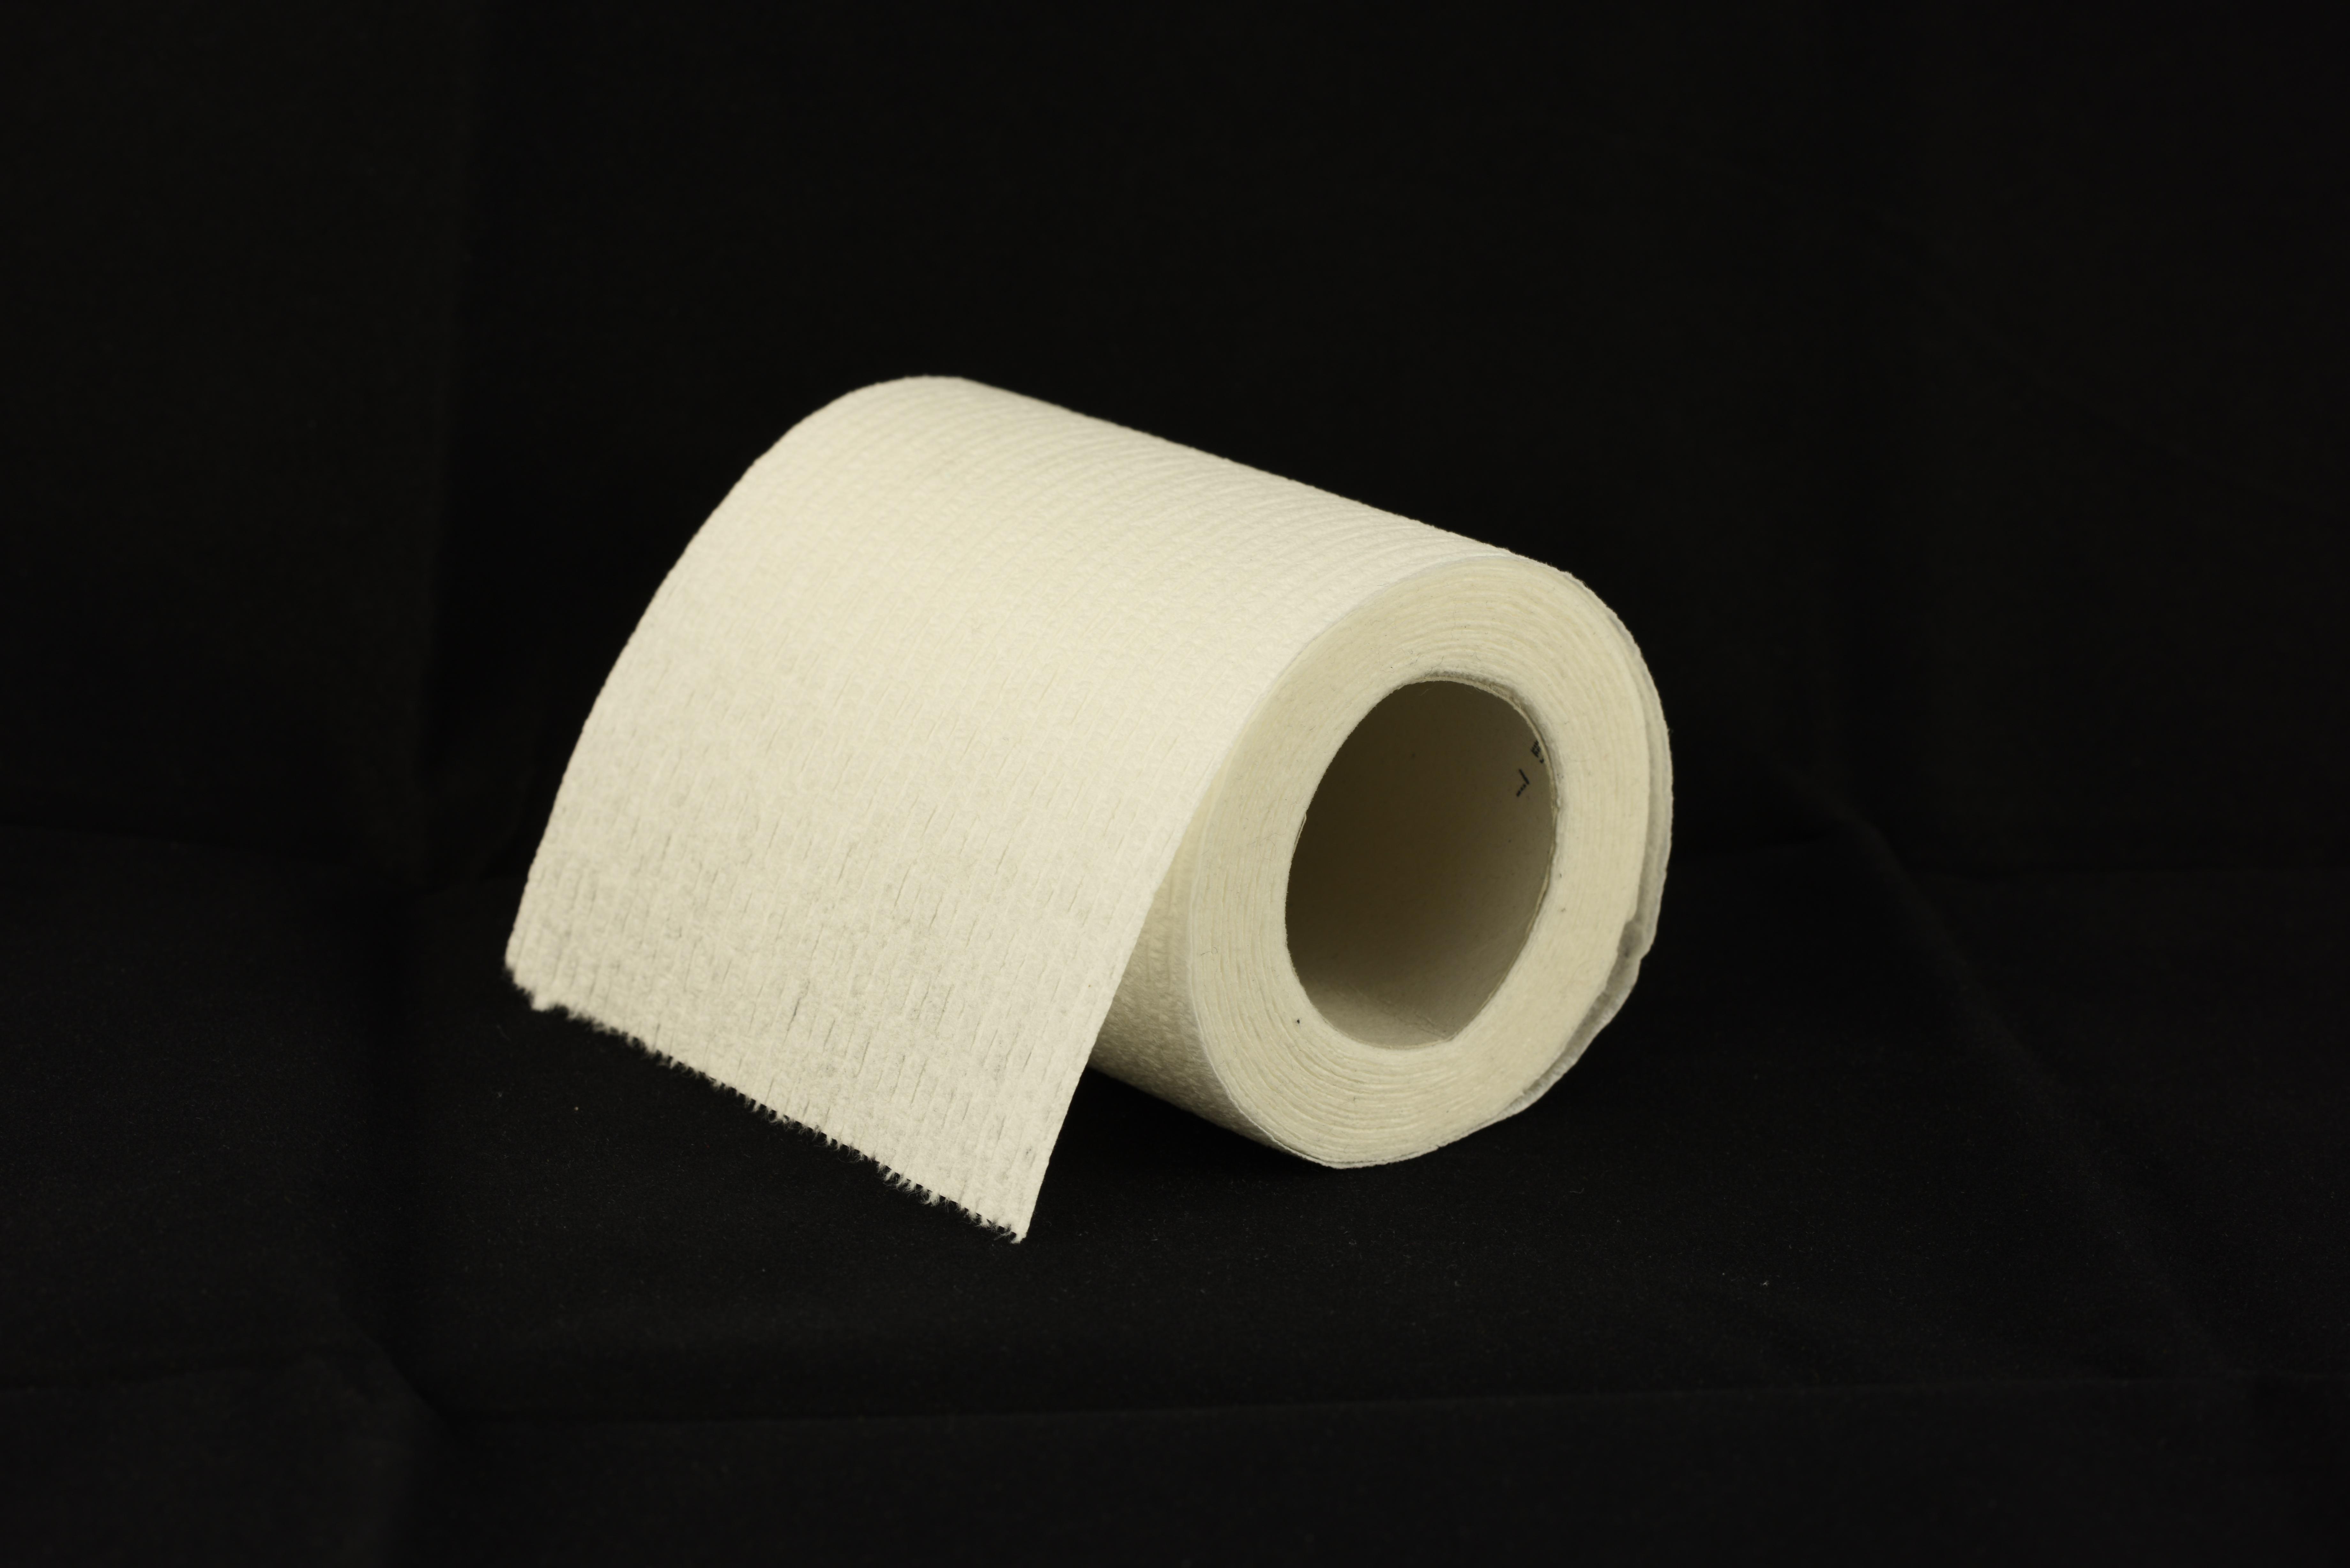 Free Images : white, ceramic, material, wipe, label, bathroom ...